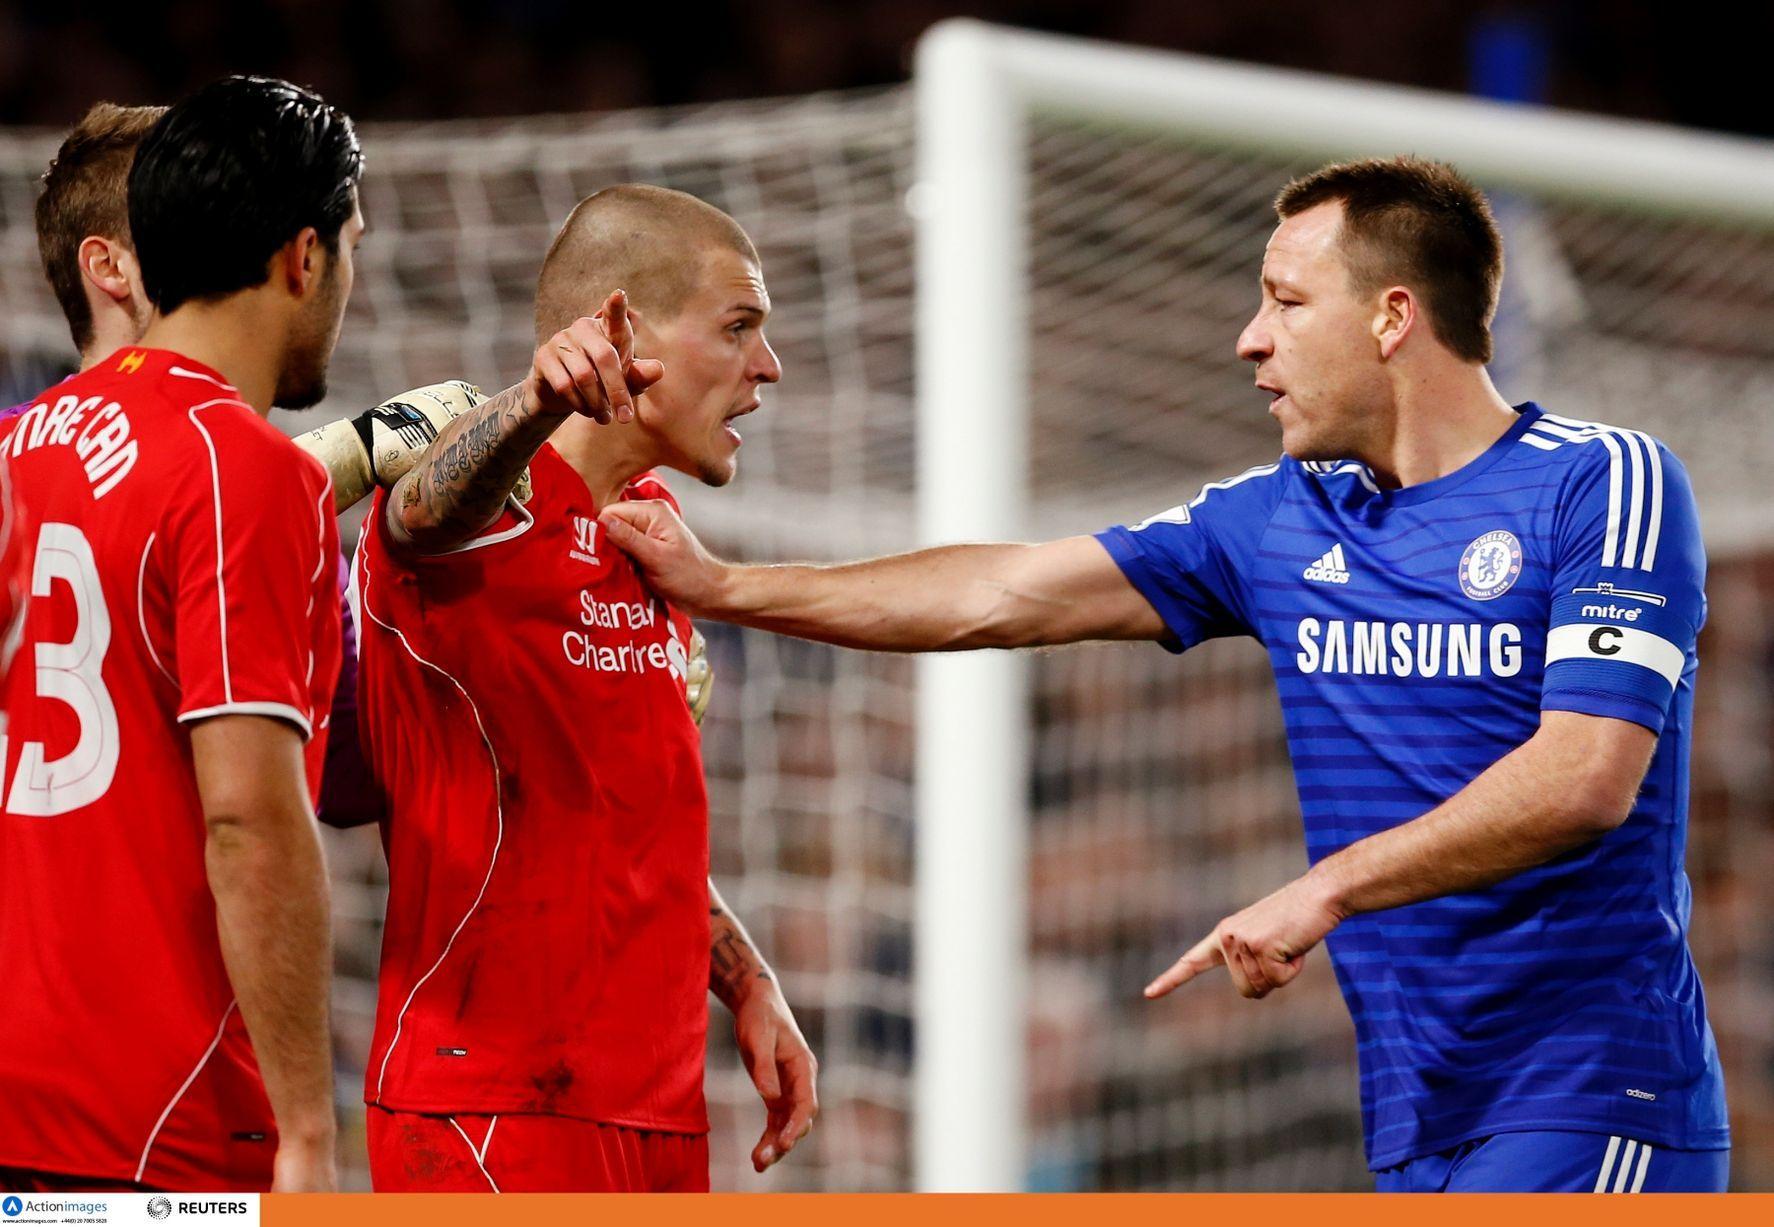 """Chelsea 1 Liverpool 0: Reds """"srdce zlomené ako absorbujúci semifinále vidí Wembley sen skončil starú nepriateľ - Martin Skrtel vs John Terry - Liverpool Echo"""